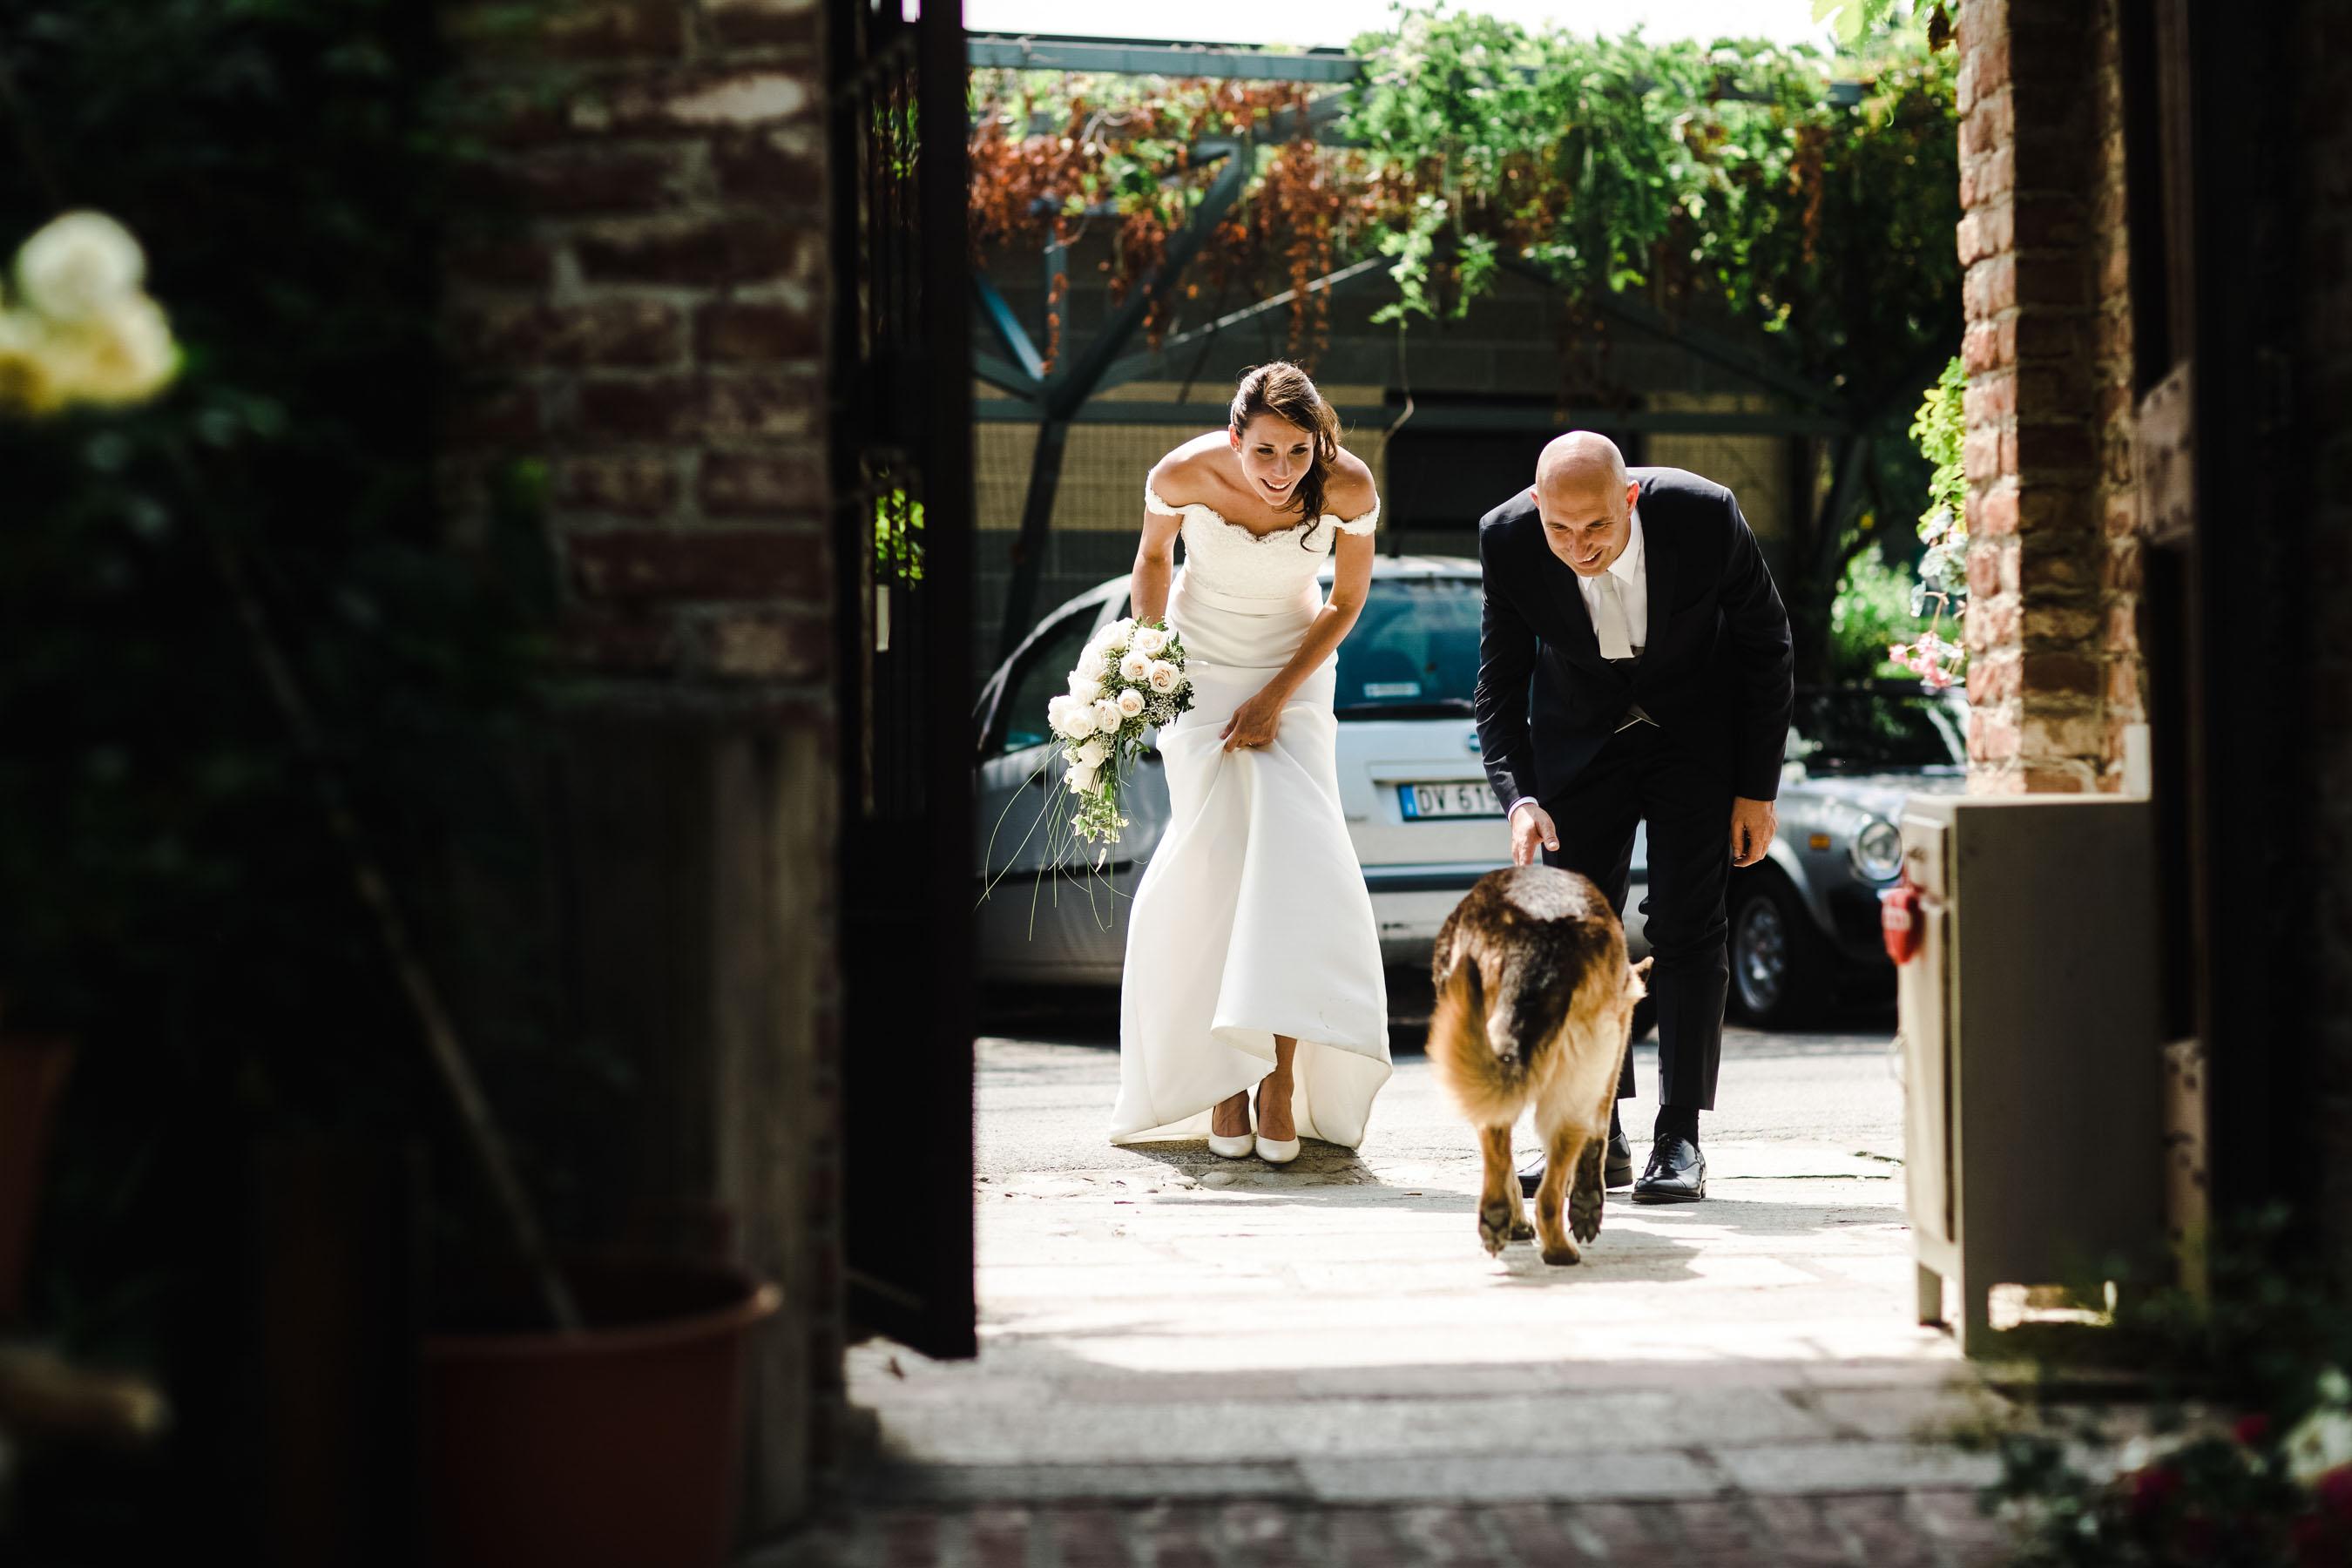 art foto_torino_monica sica photography_la vià _cavour_ fotografo matrimonio_torino-54